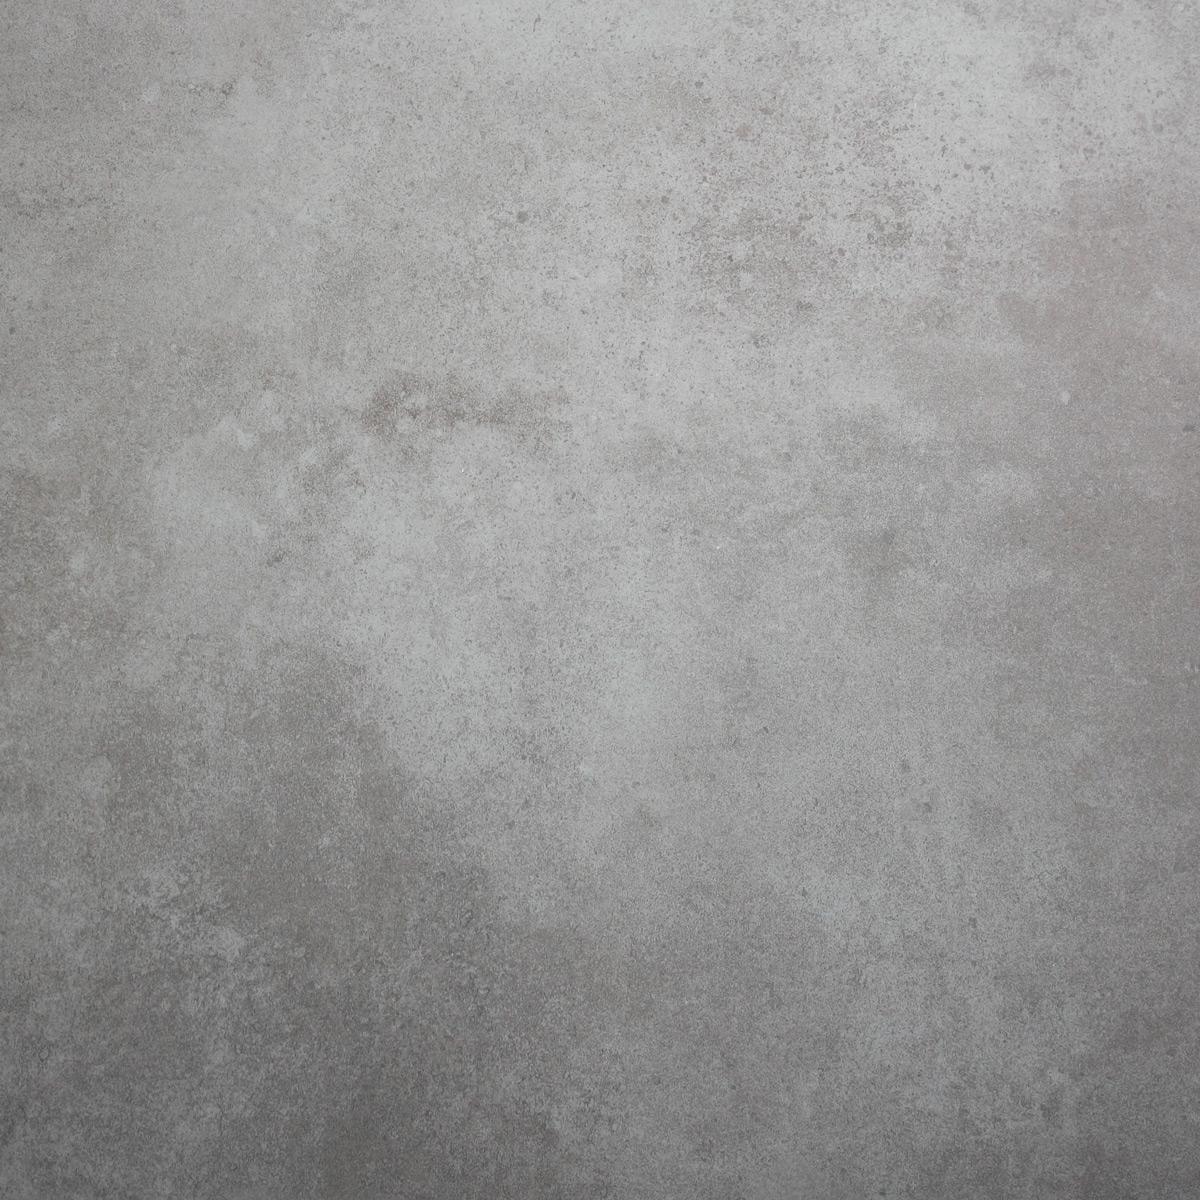 Cinque Luna Boden-/Wandfliese Cooper 60x60 Matt